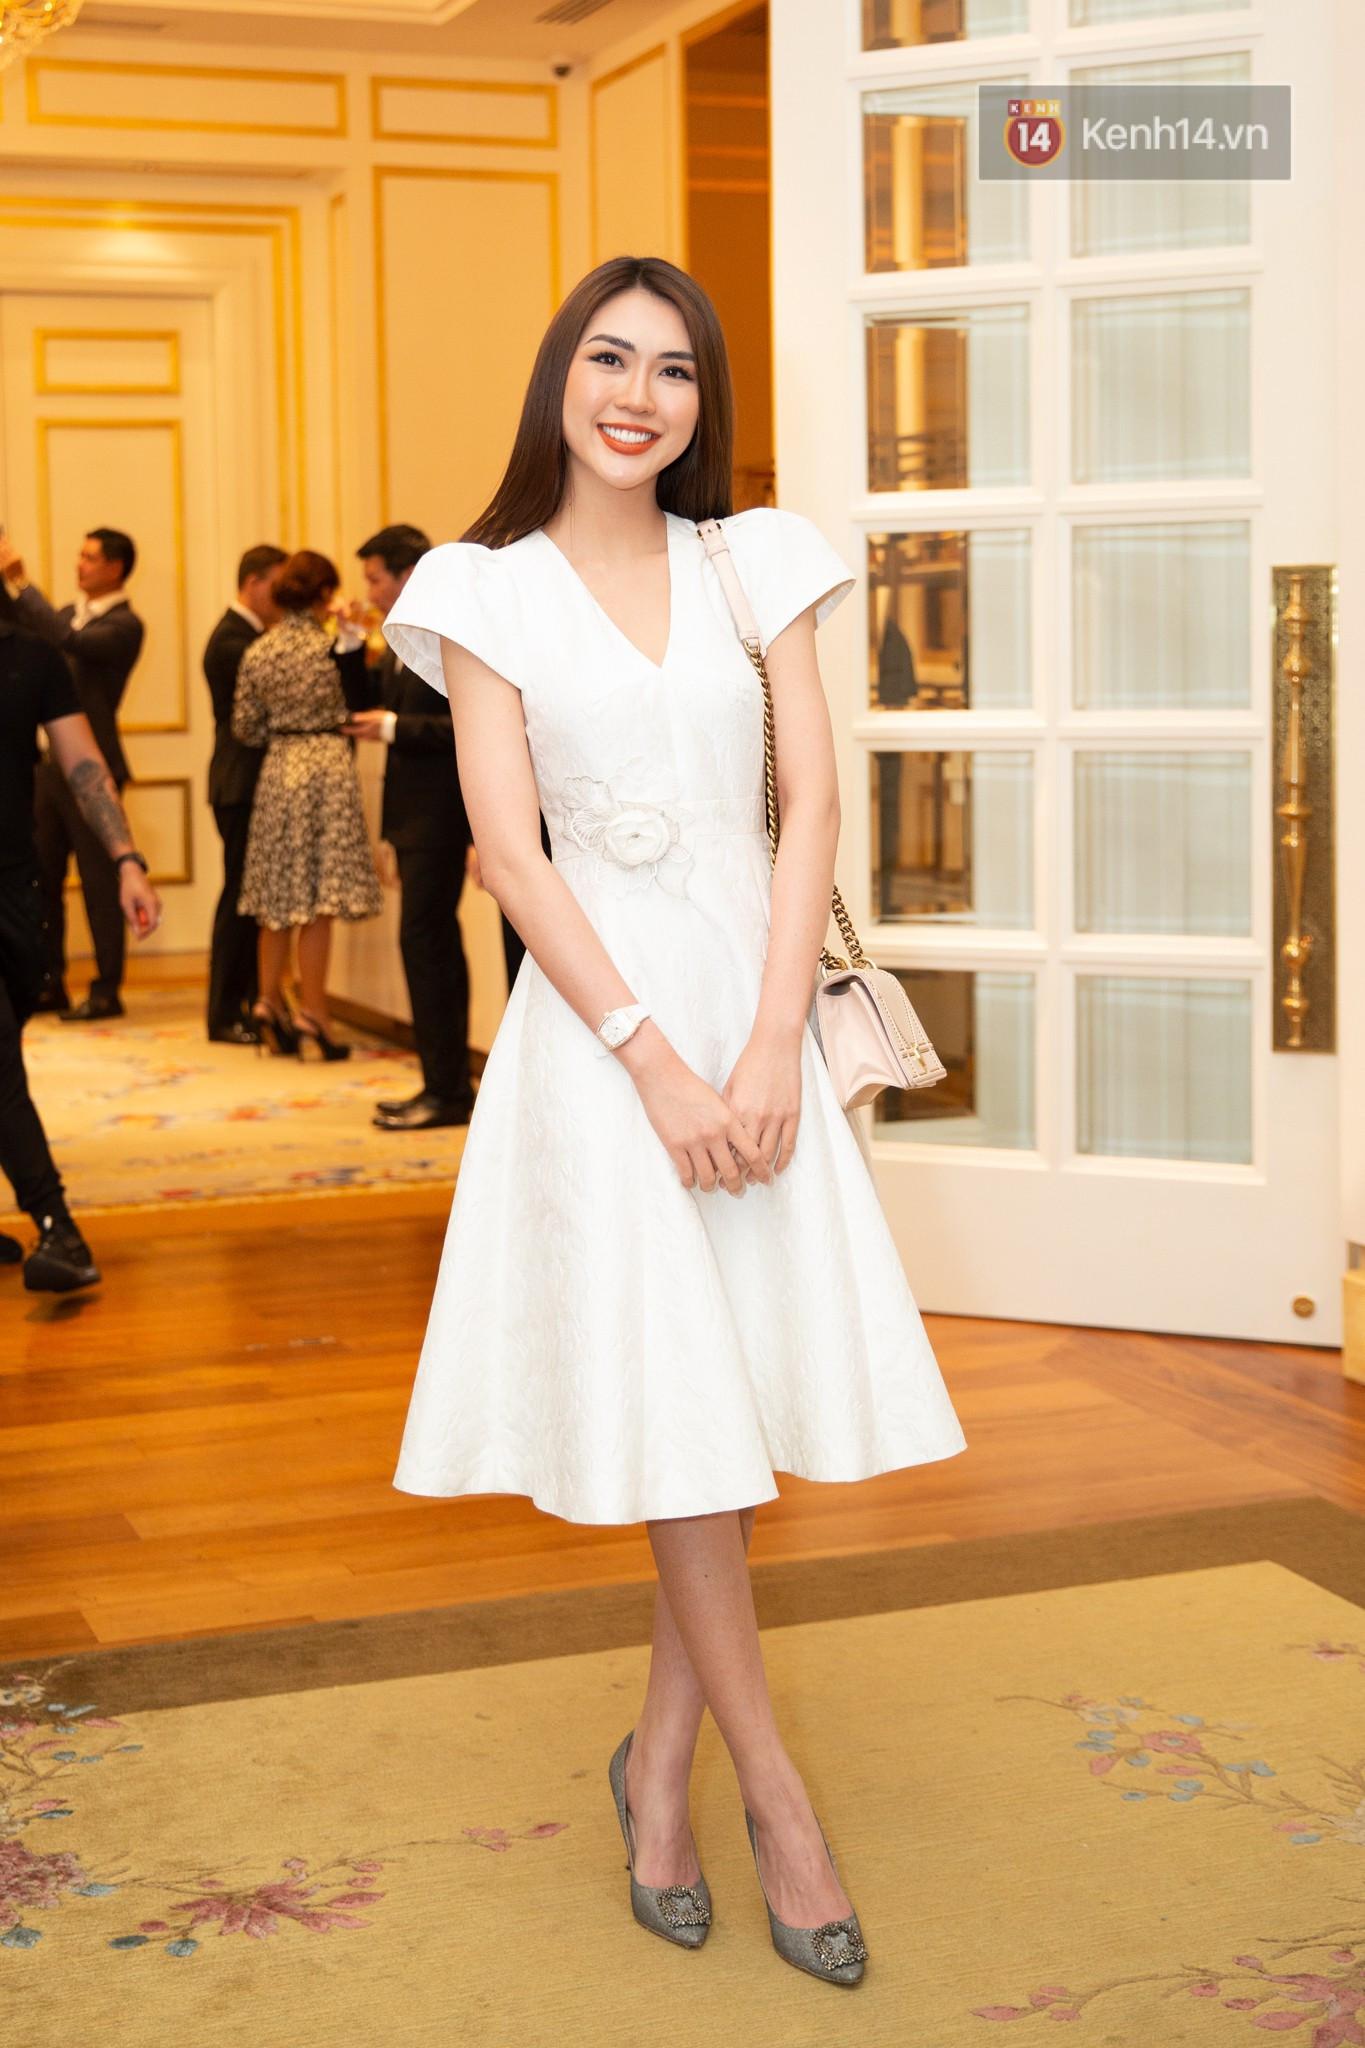 Dàn sao Việt hùng hậu đến chúc mừng đám cưới Lê Hiếu và vợ hot girl